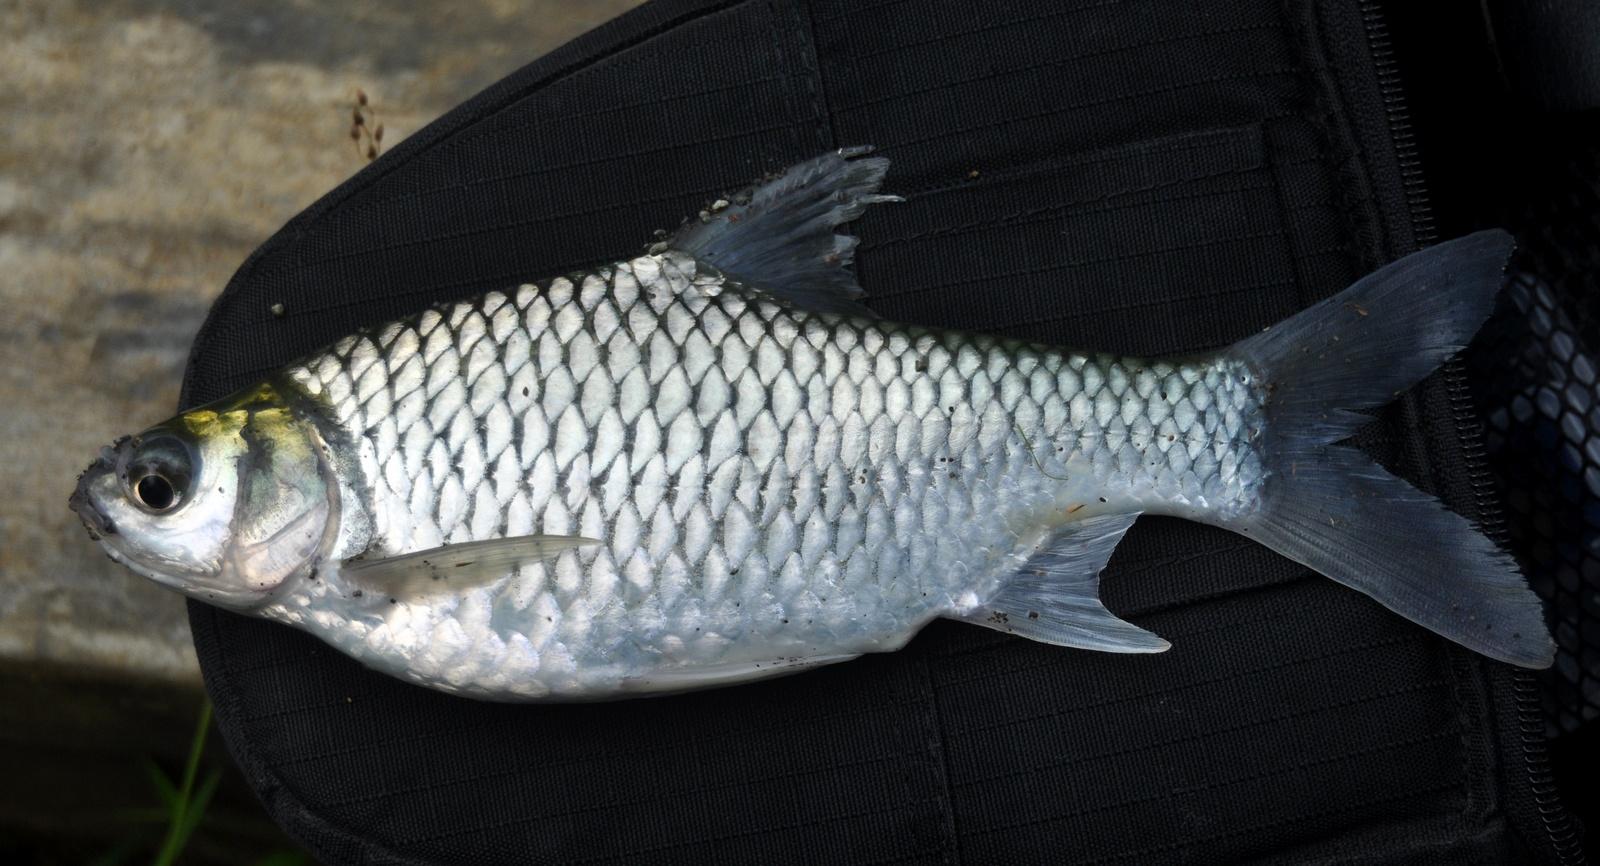 15 Jenis Ikan Air Tawar Yang Bisa Jadi Referensi Untuk Memulai Bisnis Budidaya 7